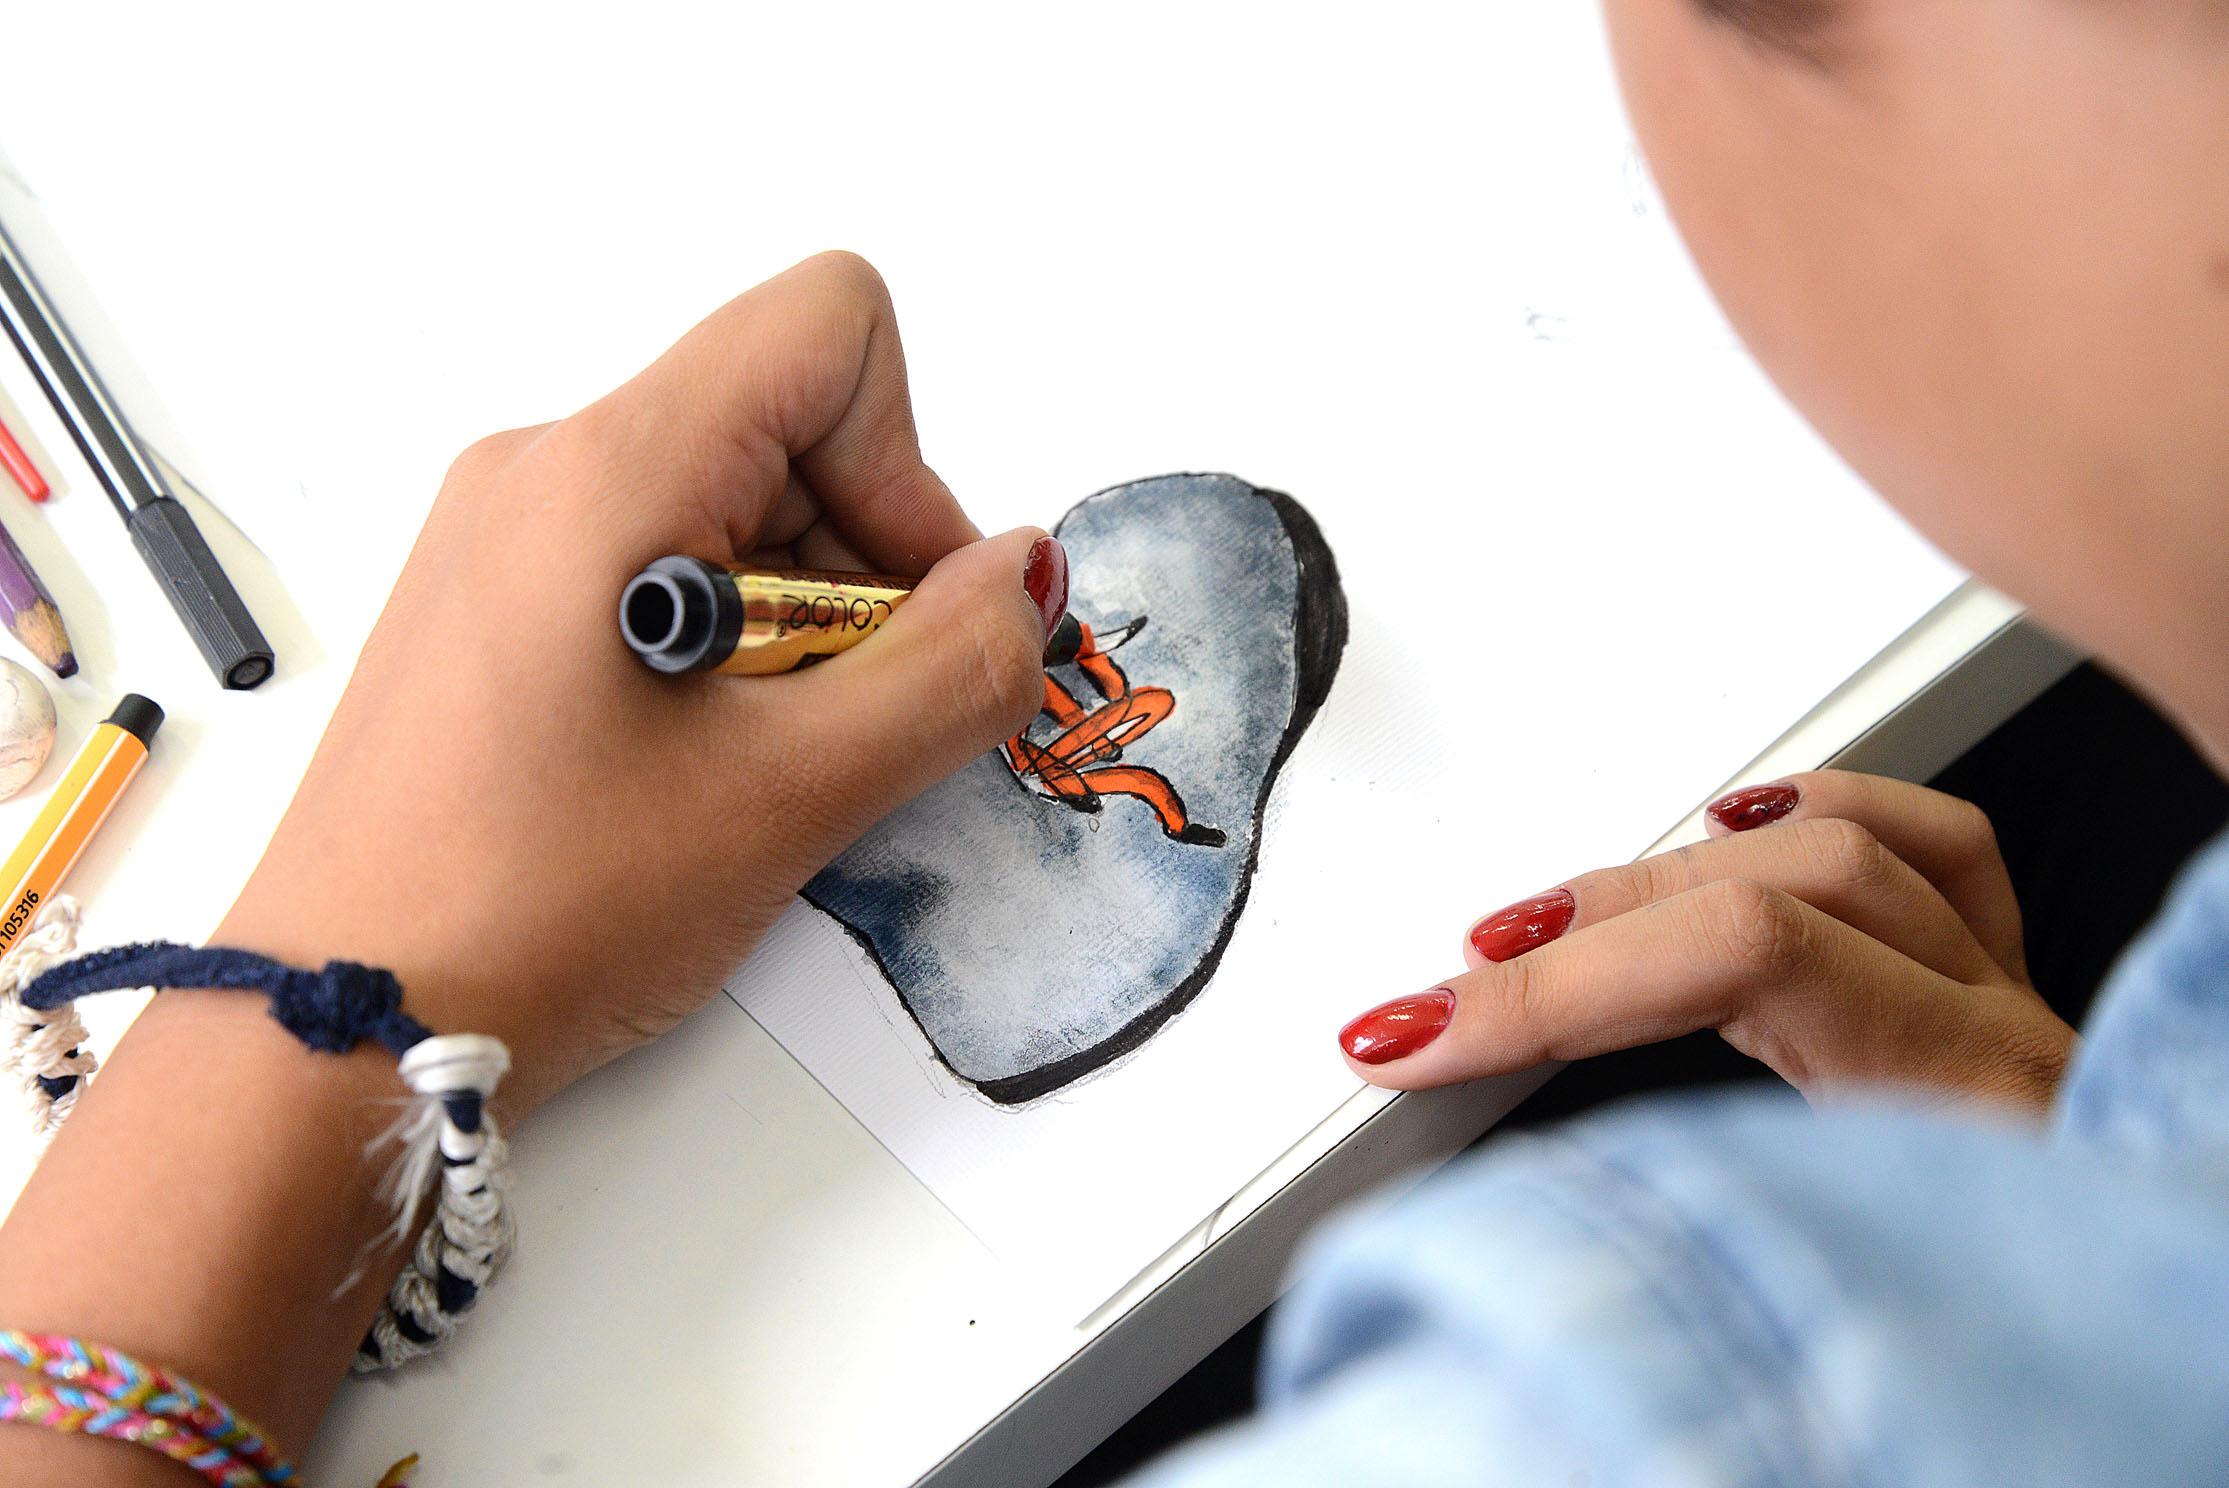 Centro Juvenil de Artes Plásticas abre inscrições para oficinas gratuitas no segundo semestre